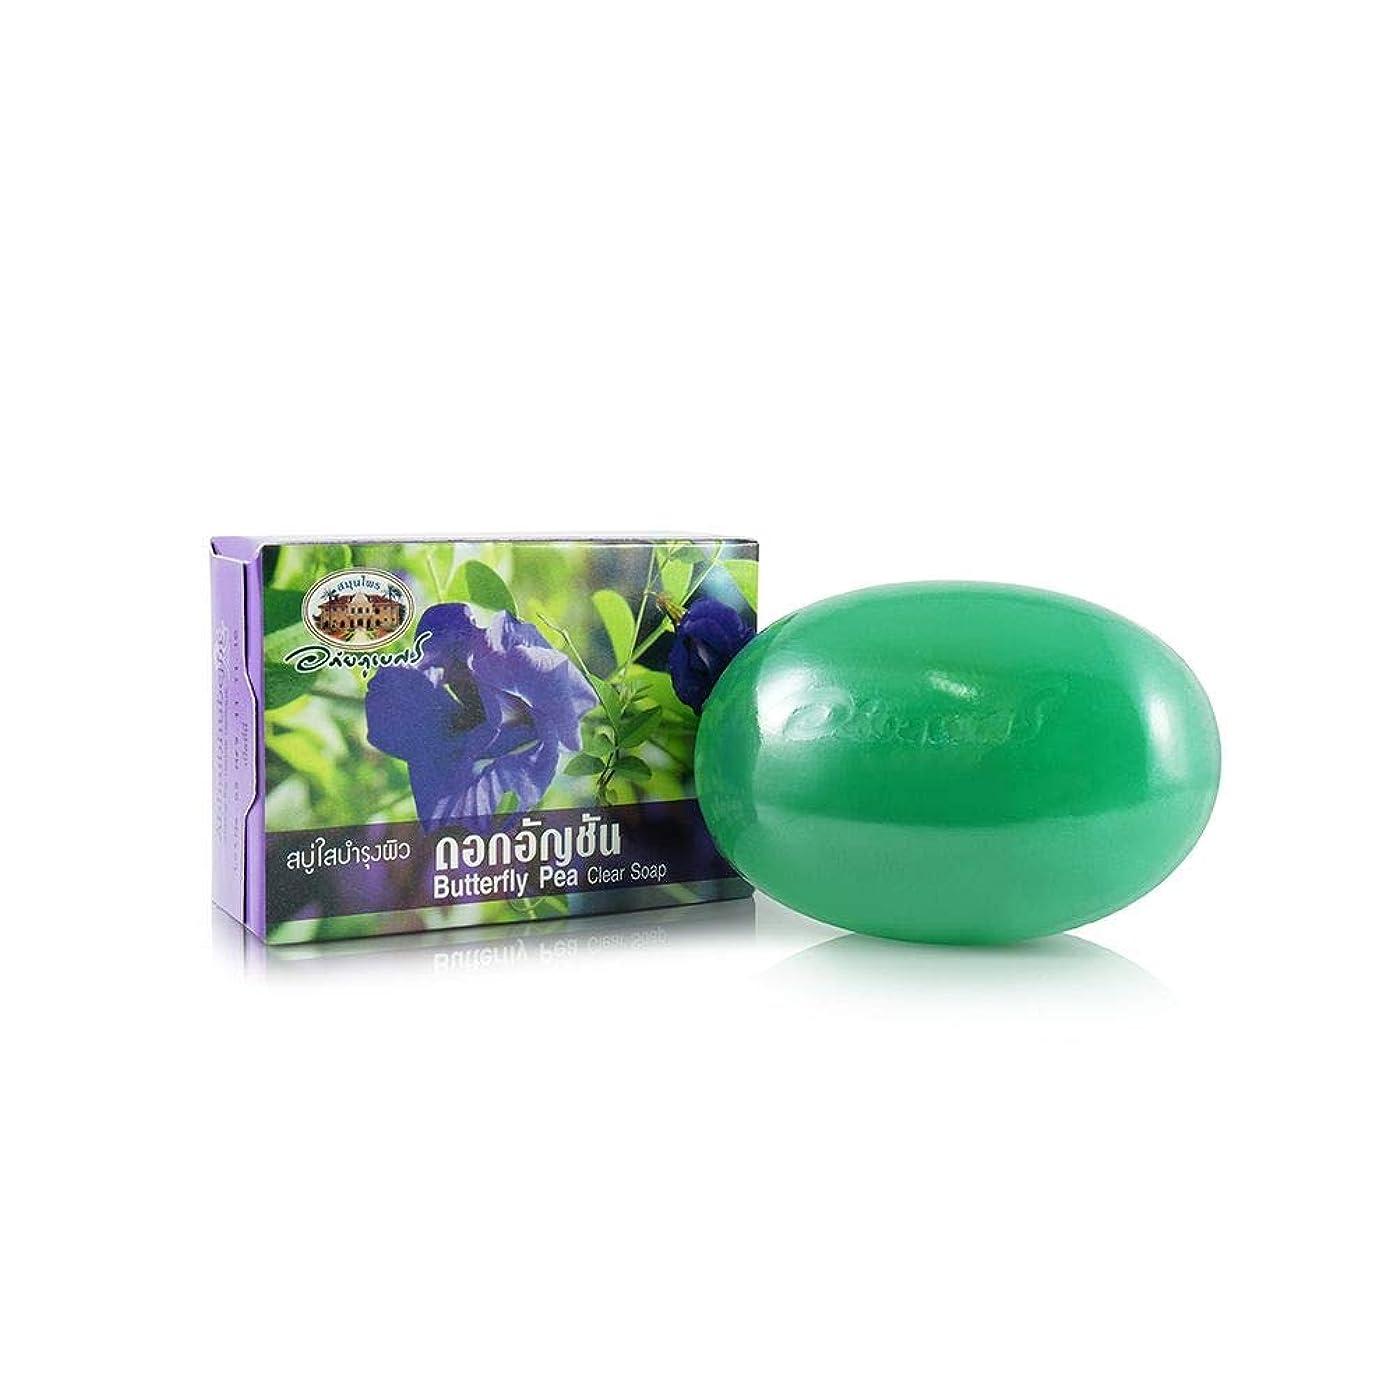 有効な年シリンダーAbhaibhubejhr Pea Flowers Vitamin E Herbal Body Cleaning Soap 100g. Abhaibhubejhrピー花ビタミンEハーブボディクリーニングソープ100グラム。